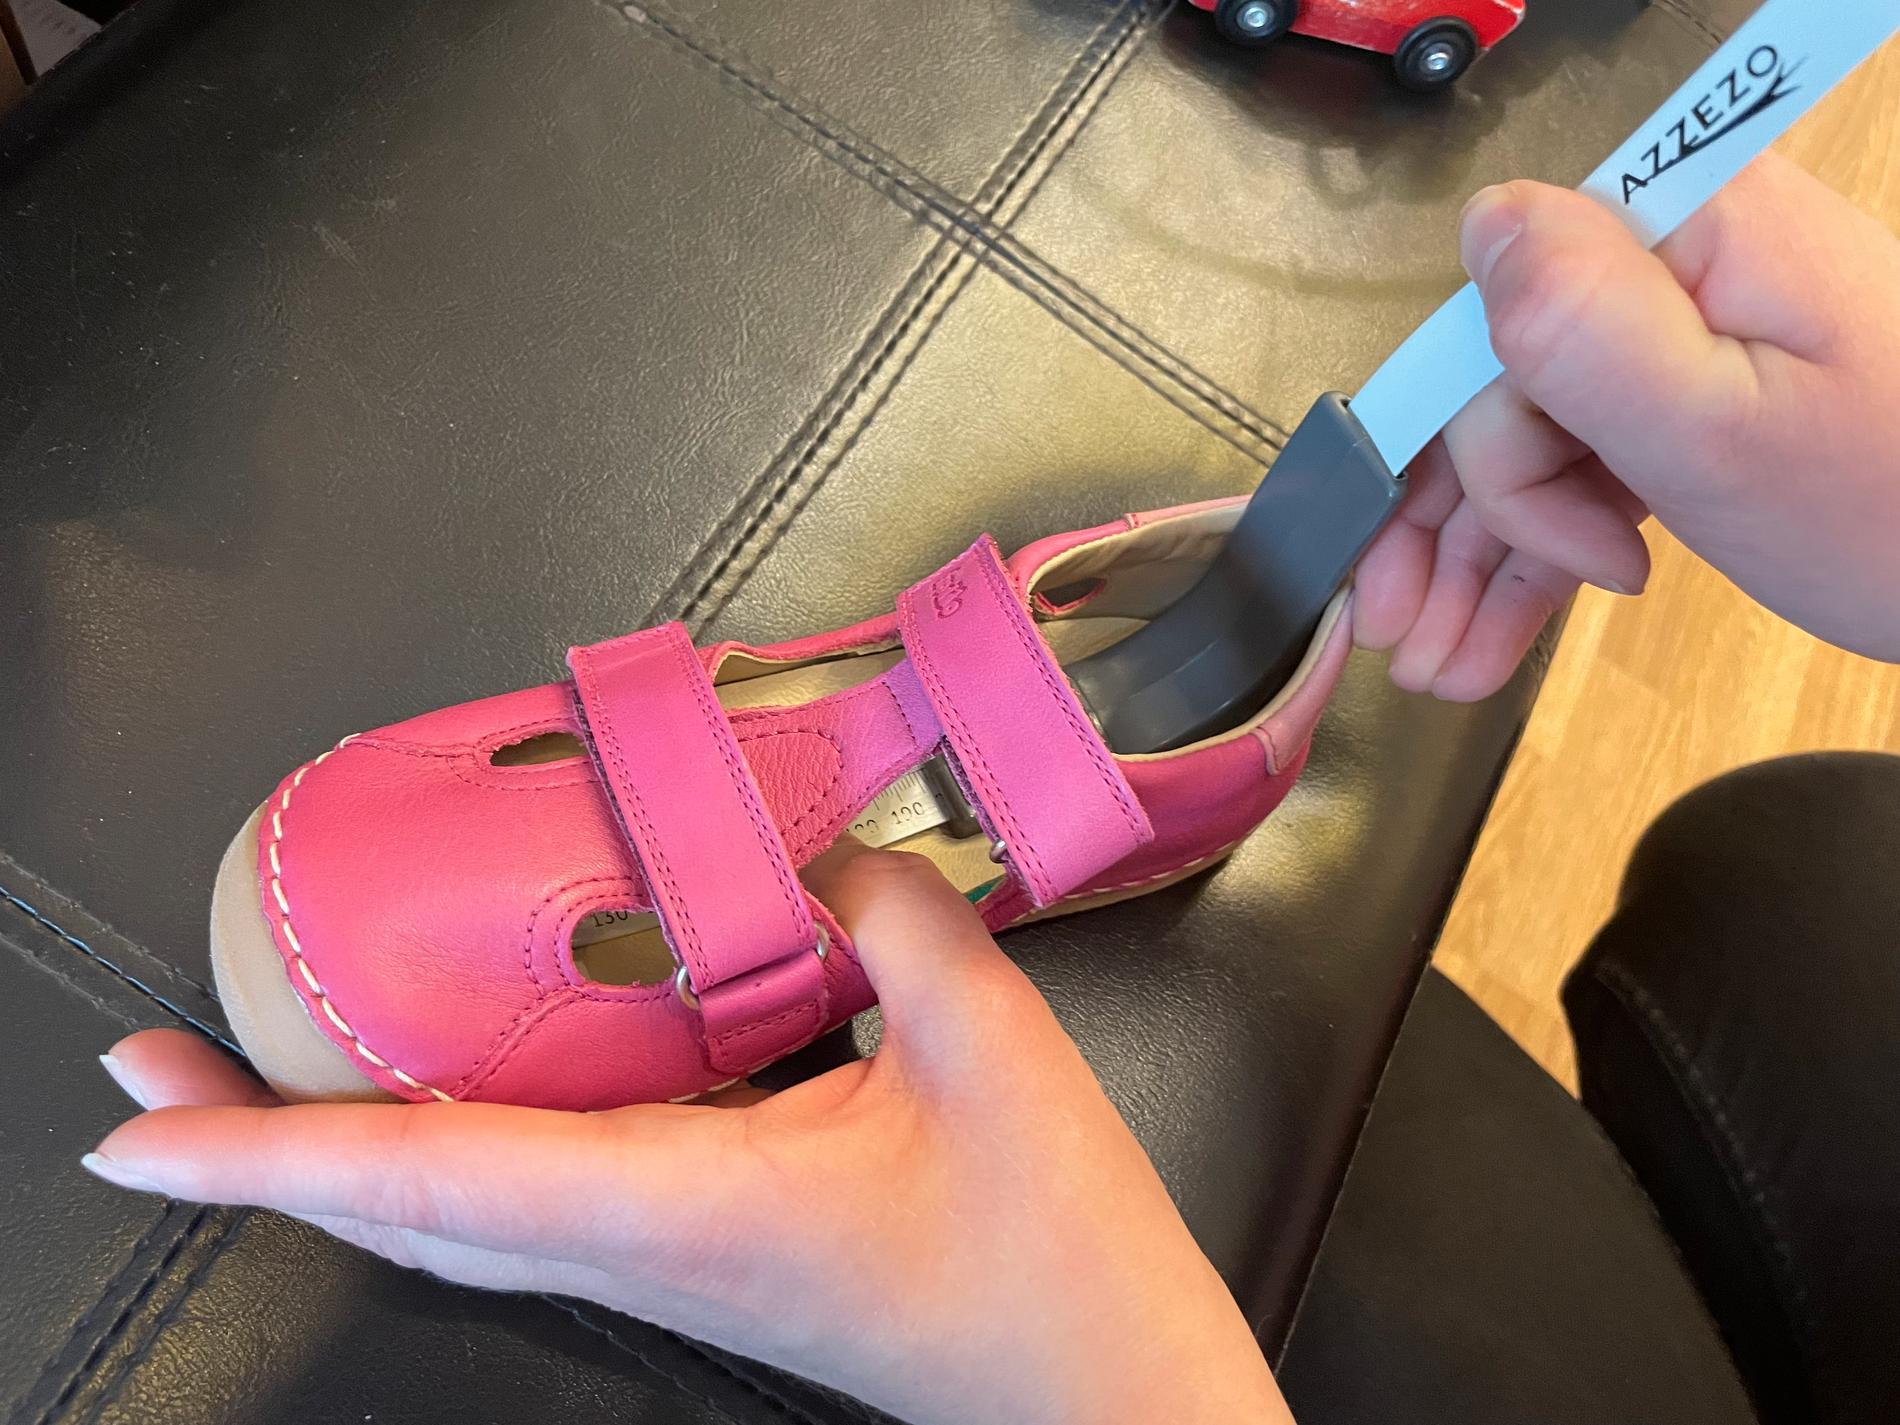 """Tatjana Bebesi visar hur man mäter innermåttet på en barnsko med en mätsticka: """"För att ha ett korrekt resultat placera mätstickan i skon och håll den fast bak mot hälen.Mätstickan ska följa inläggssulan på samma linje som foten följer inuti skon. Kontrollera resultatet medan mätstickan finns kvar i skon. Om mätstickan inte följer linje av foten kan resultatet vara felaktig""""."""